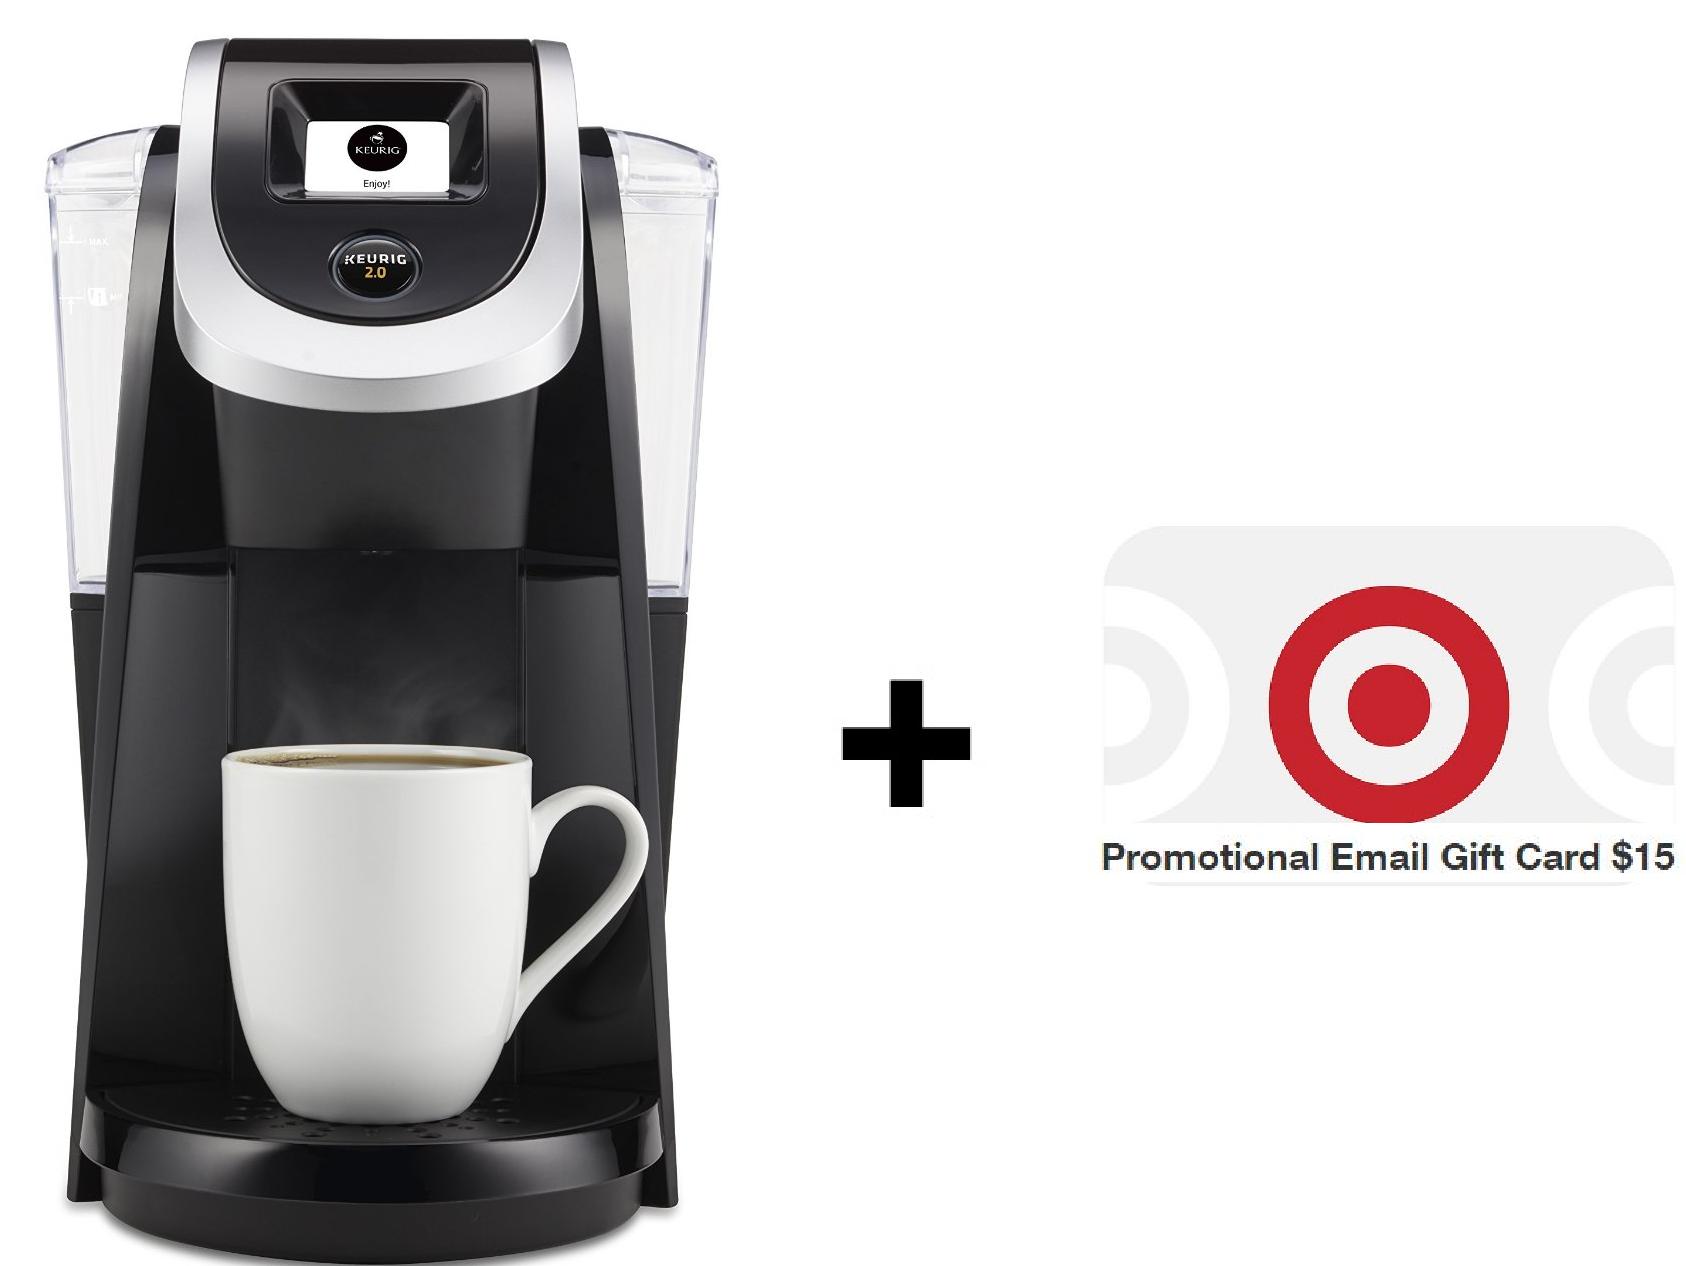 Coffee Makers: Keurig 2.0 K200 Coffee Brewing System + USD 15 Target eGift Card - Slickdeals.net